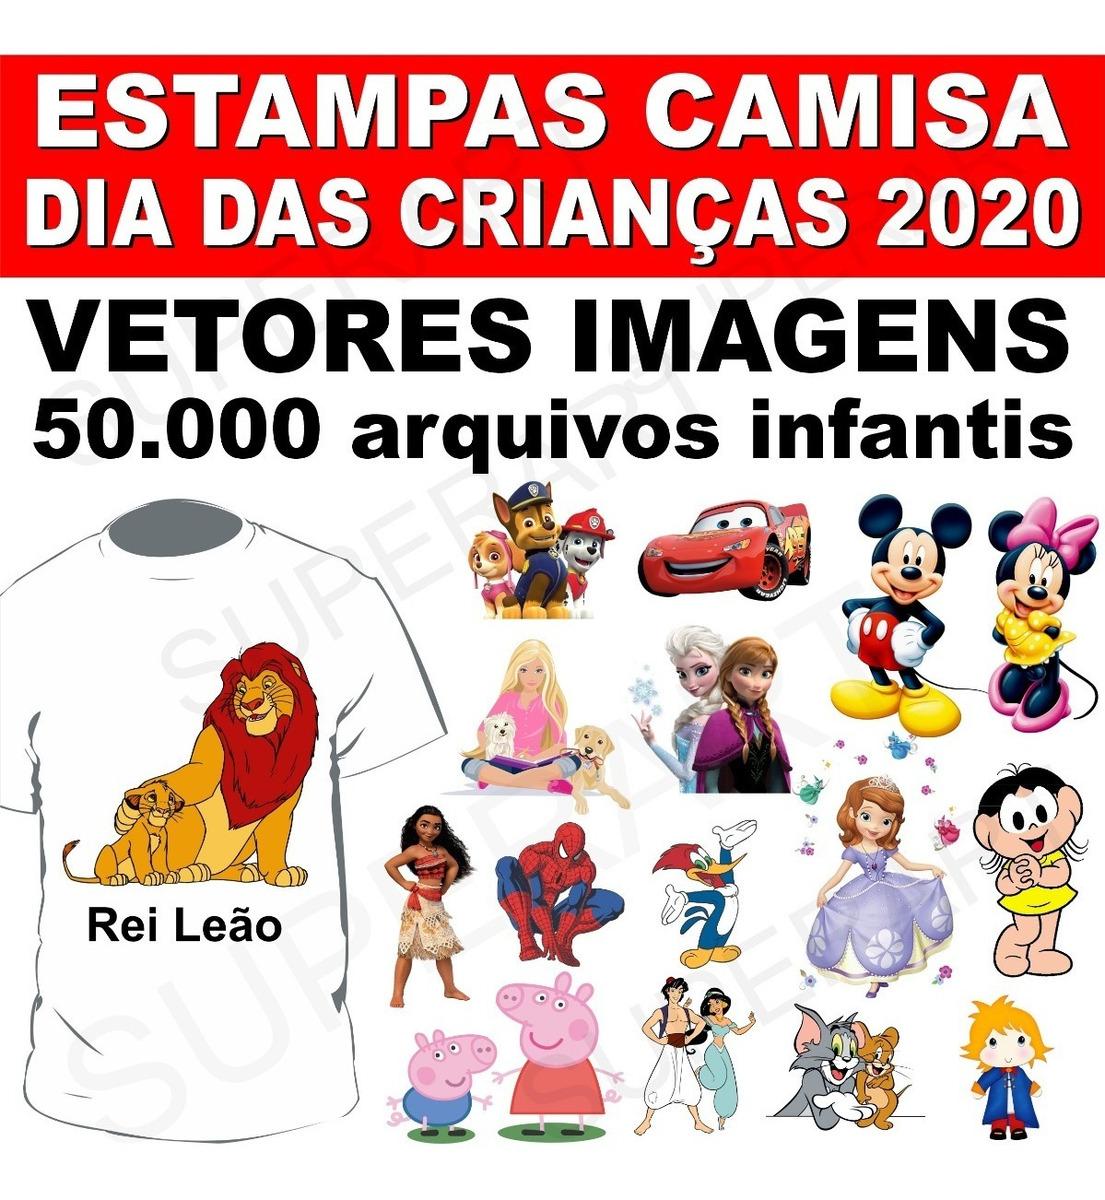 Estampas Camisas Vetores Imagens Infantis Diversas Dia Das